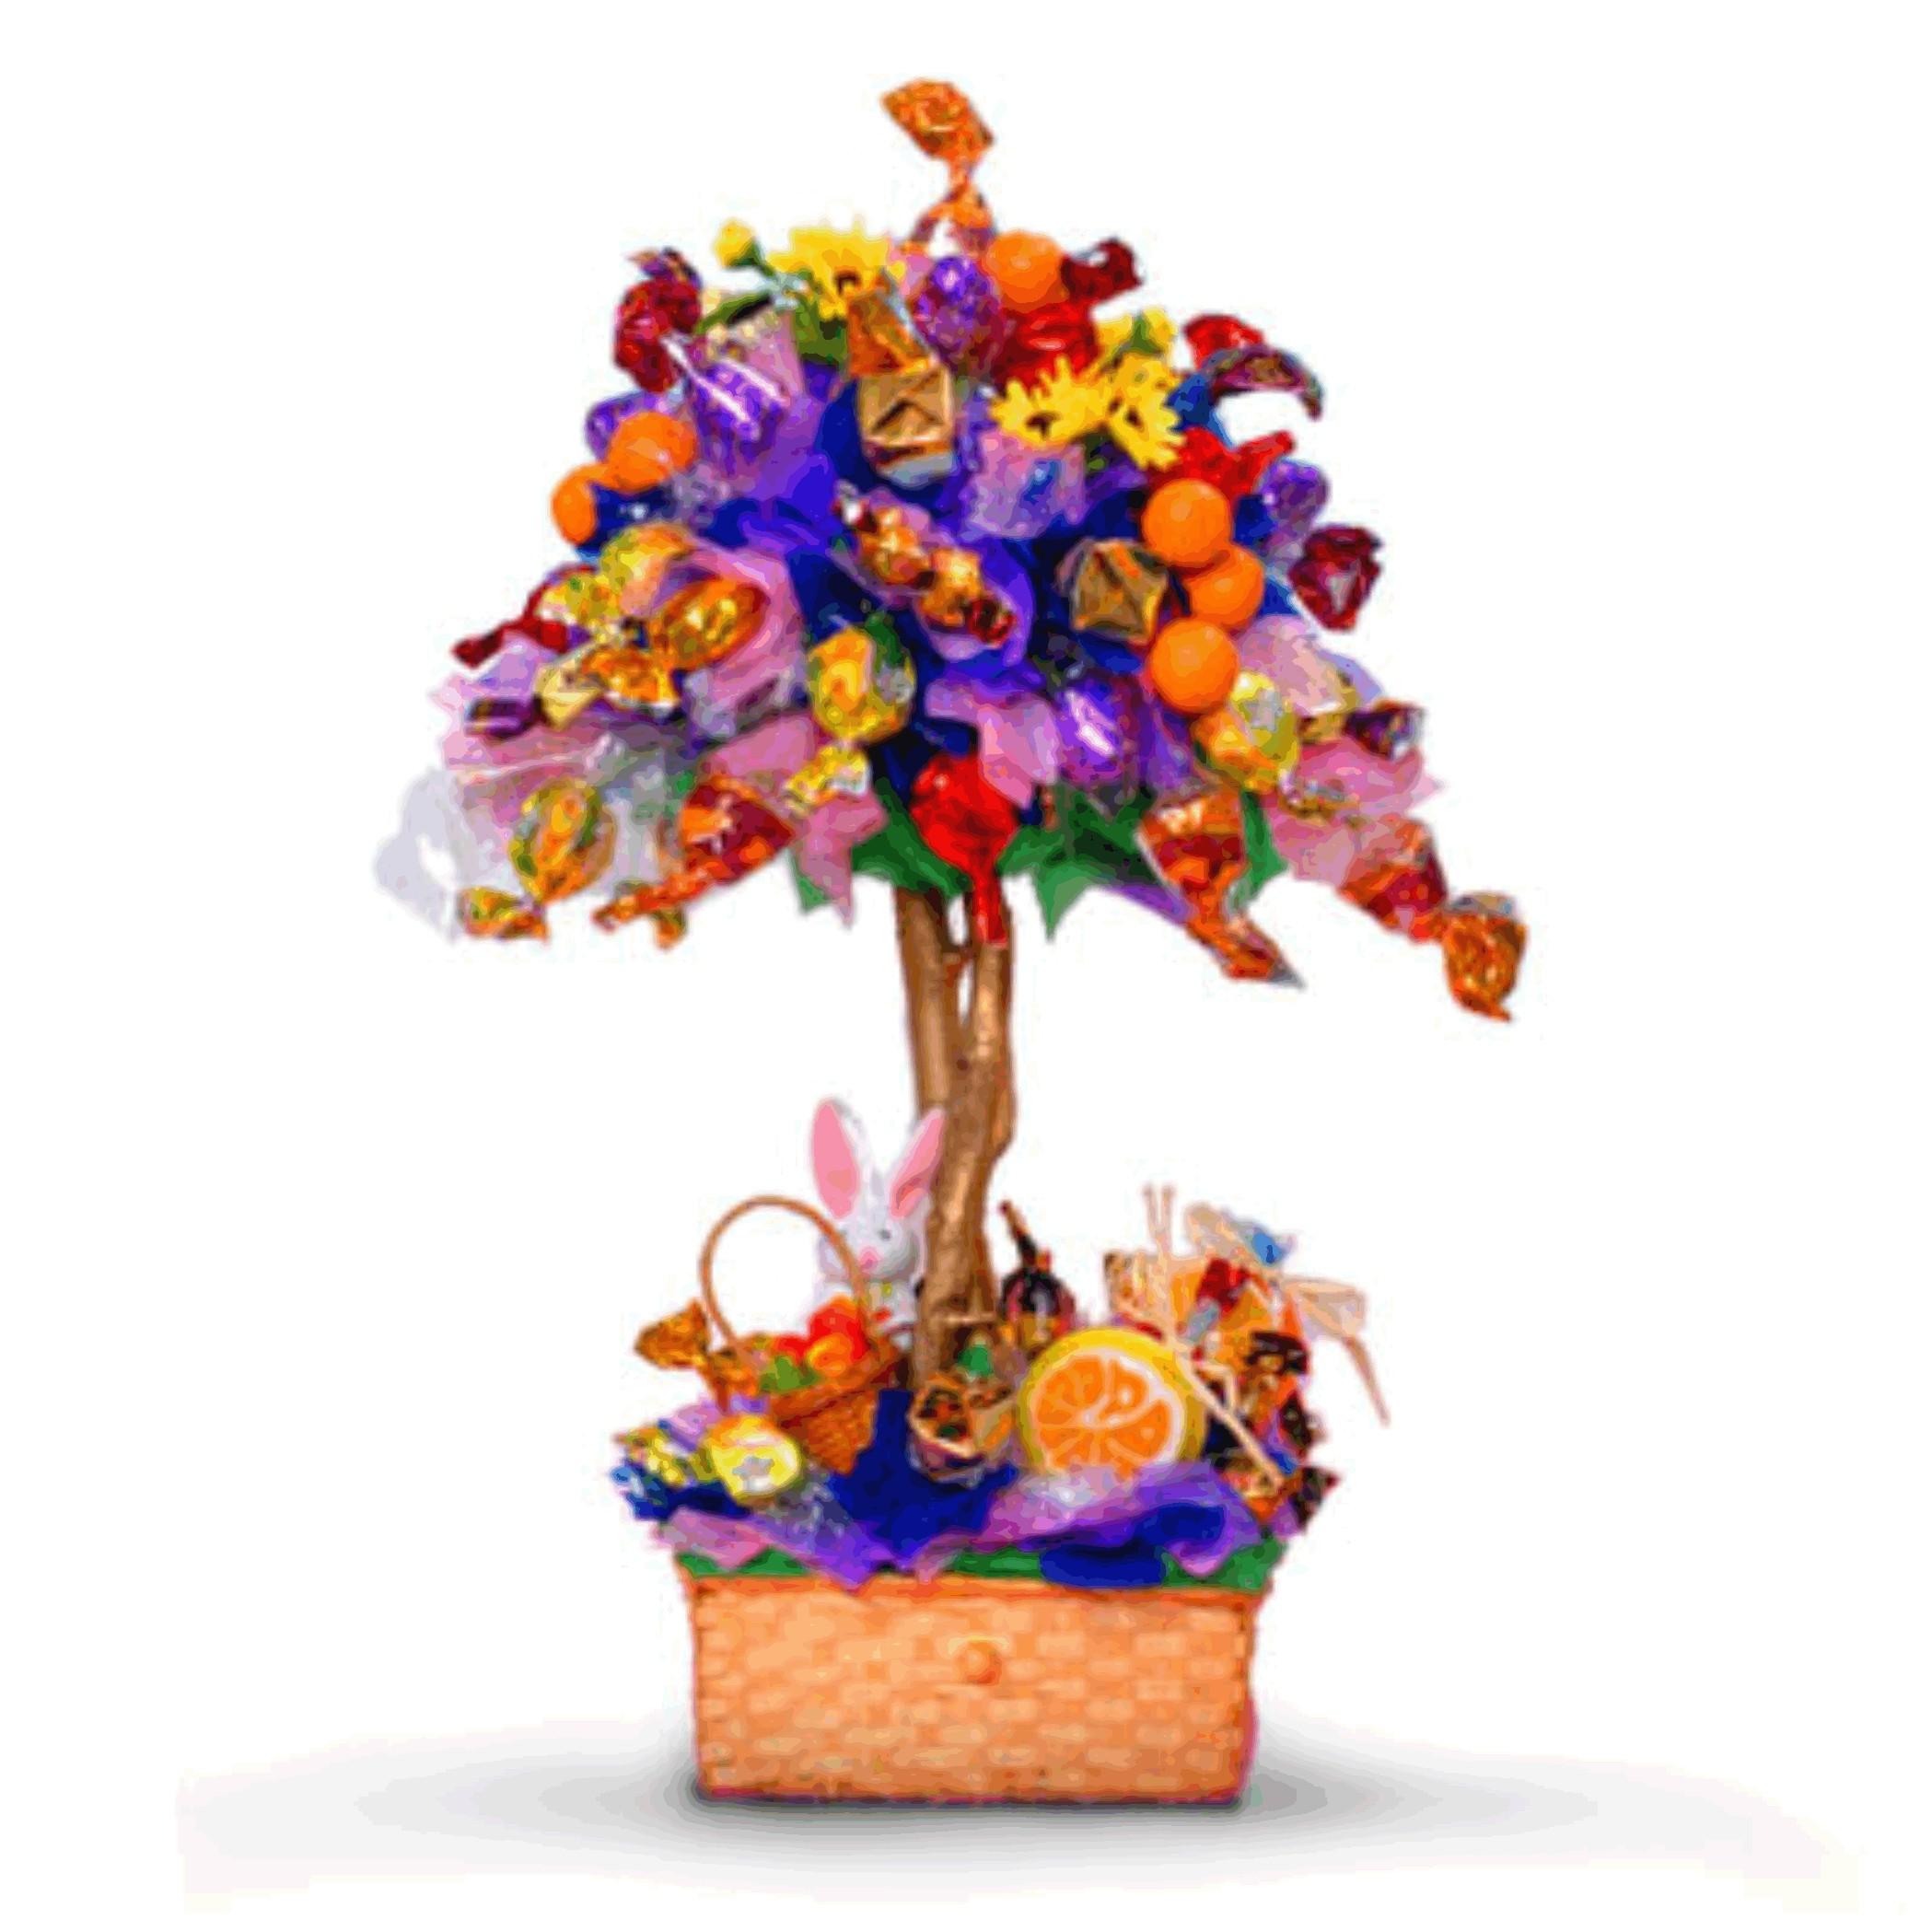 Как сделать мальчику шляИскусственные деревья из цветов